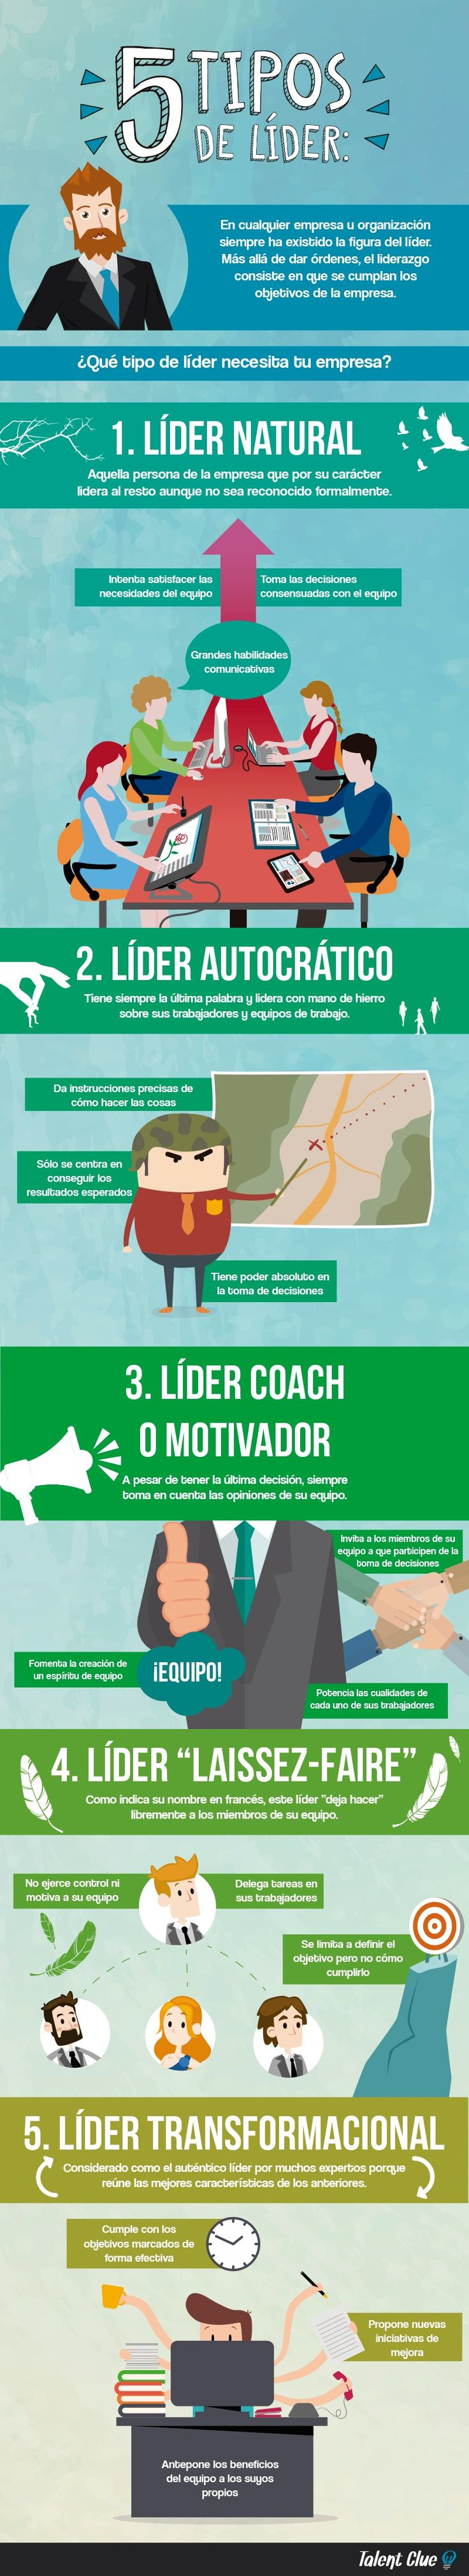 ¿Qué tipo de líder eres? Encuentra las áreas de oportunidad y supérate a ti mismo/a #MejoresPrácticas